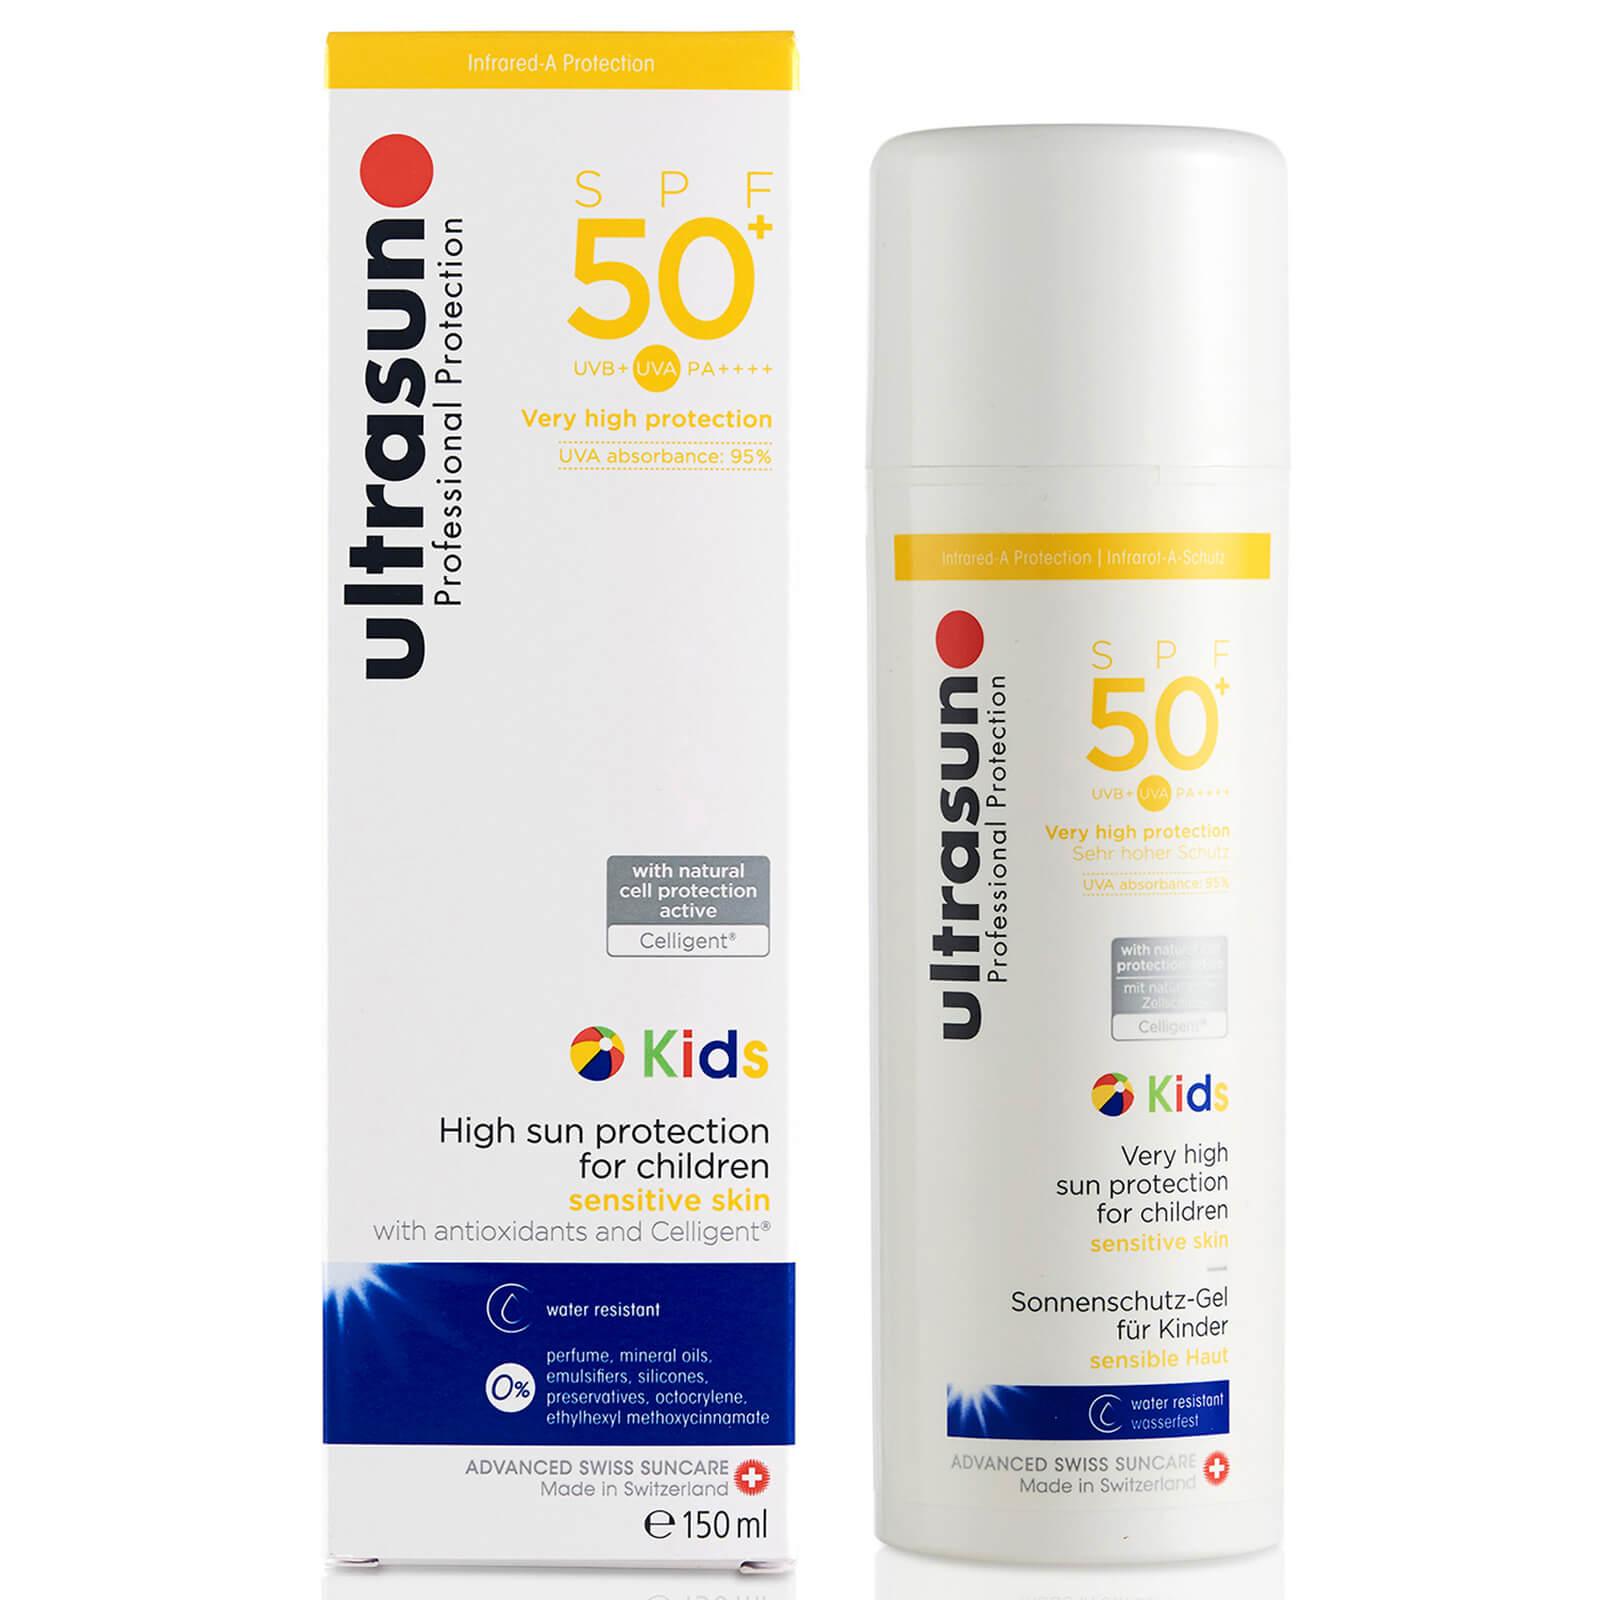 Ultrasun protezione molto alta SPF 50+ lozione bambini 150 ml